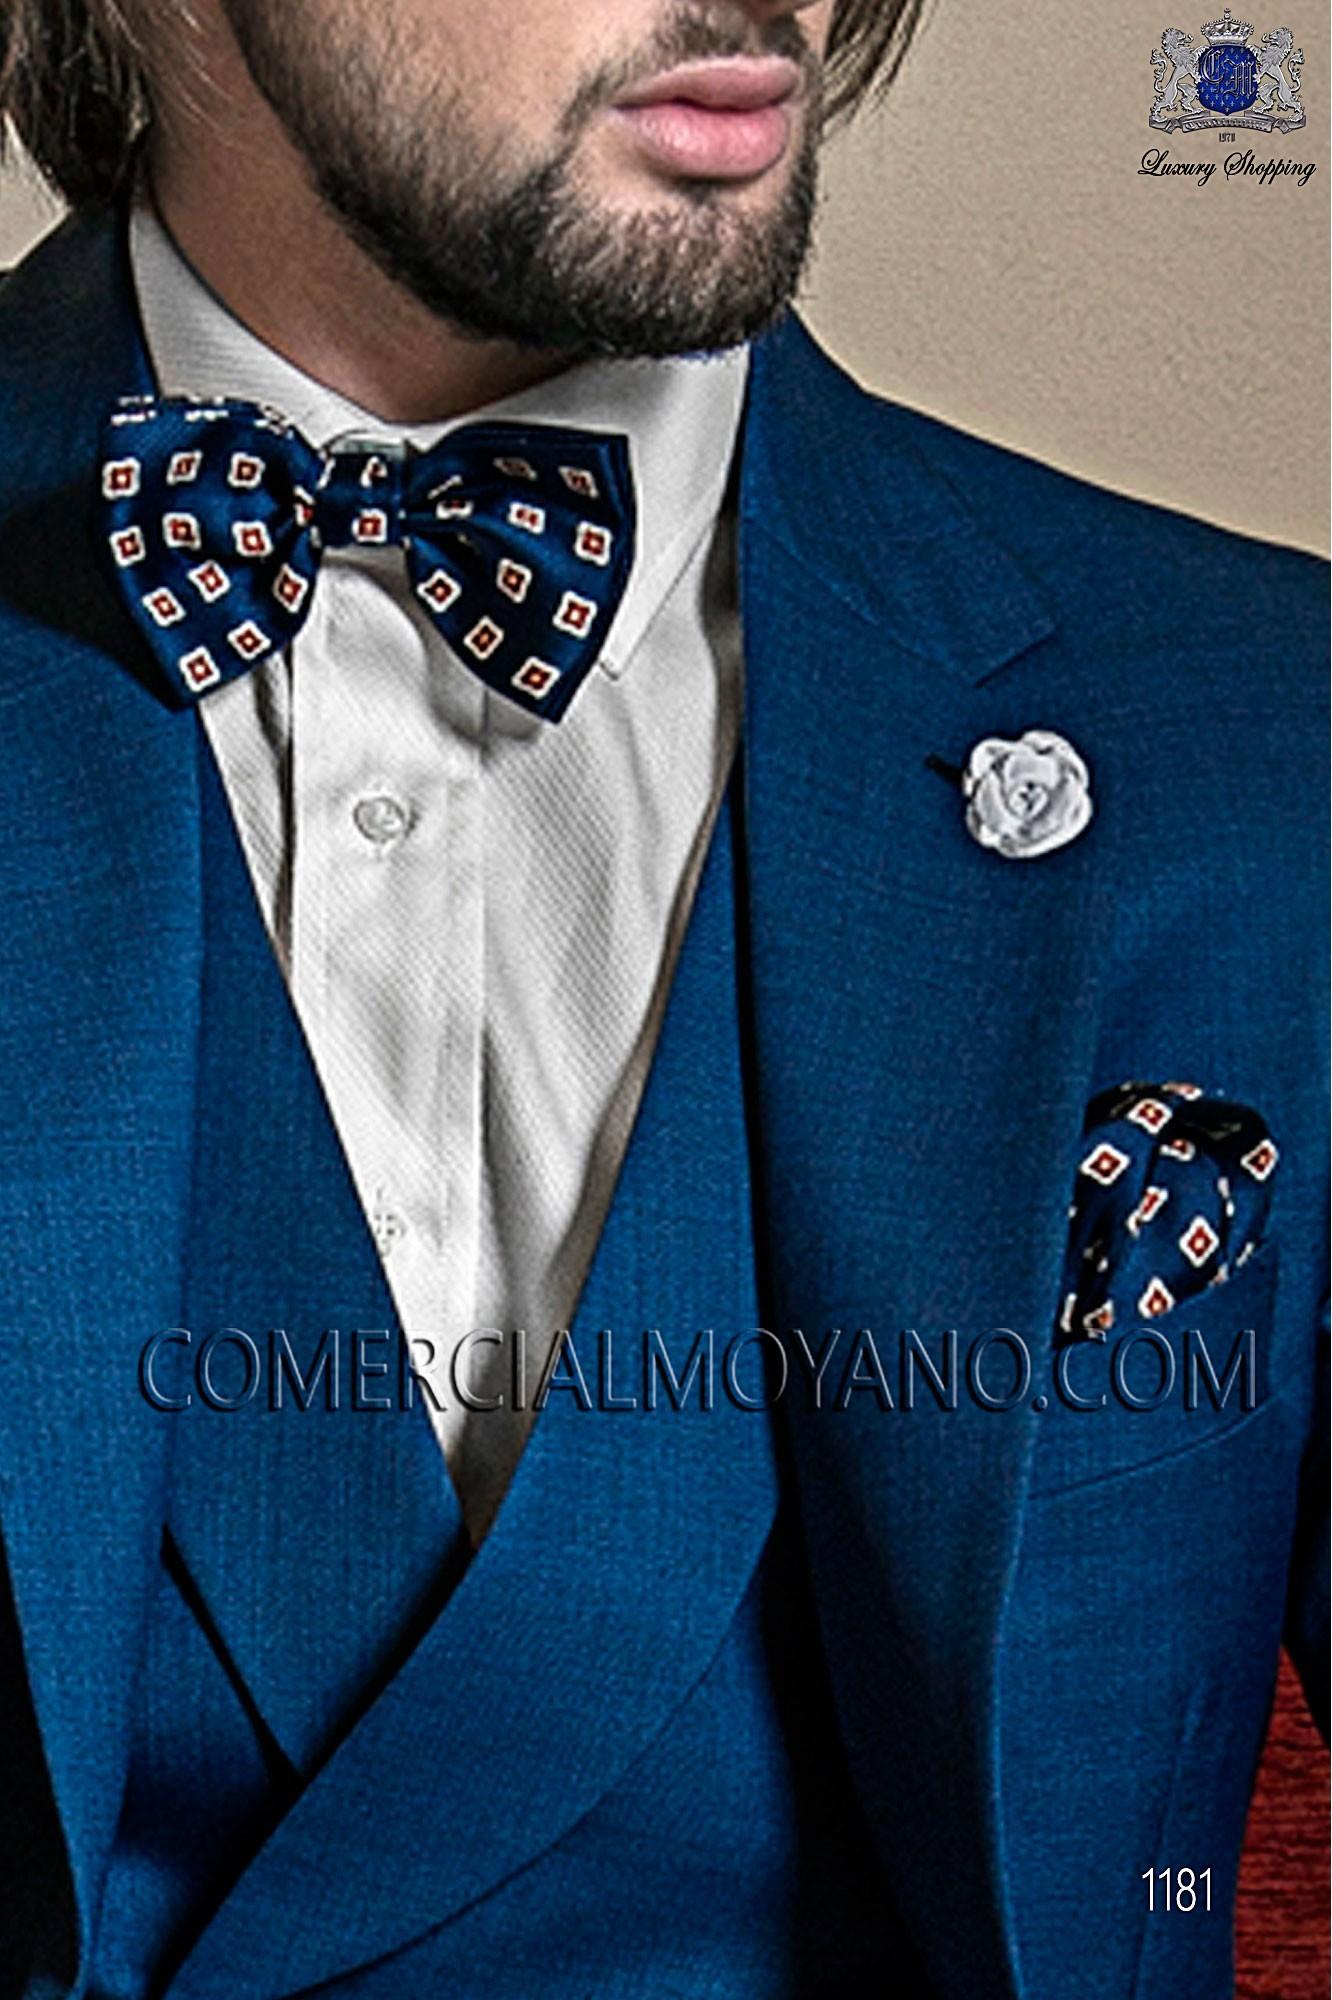 Traje Gentleman de novio azul modelo: 1181 Ottavio Nuccio Gala colección Gentleman